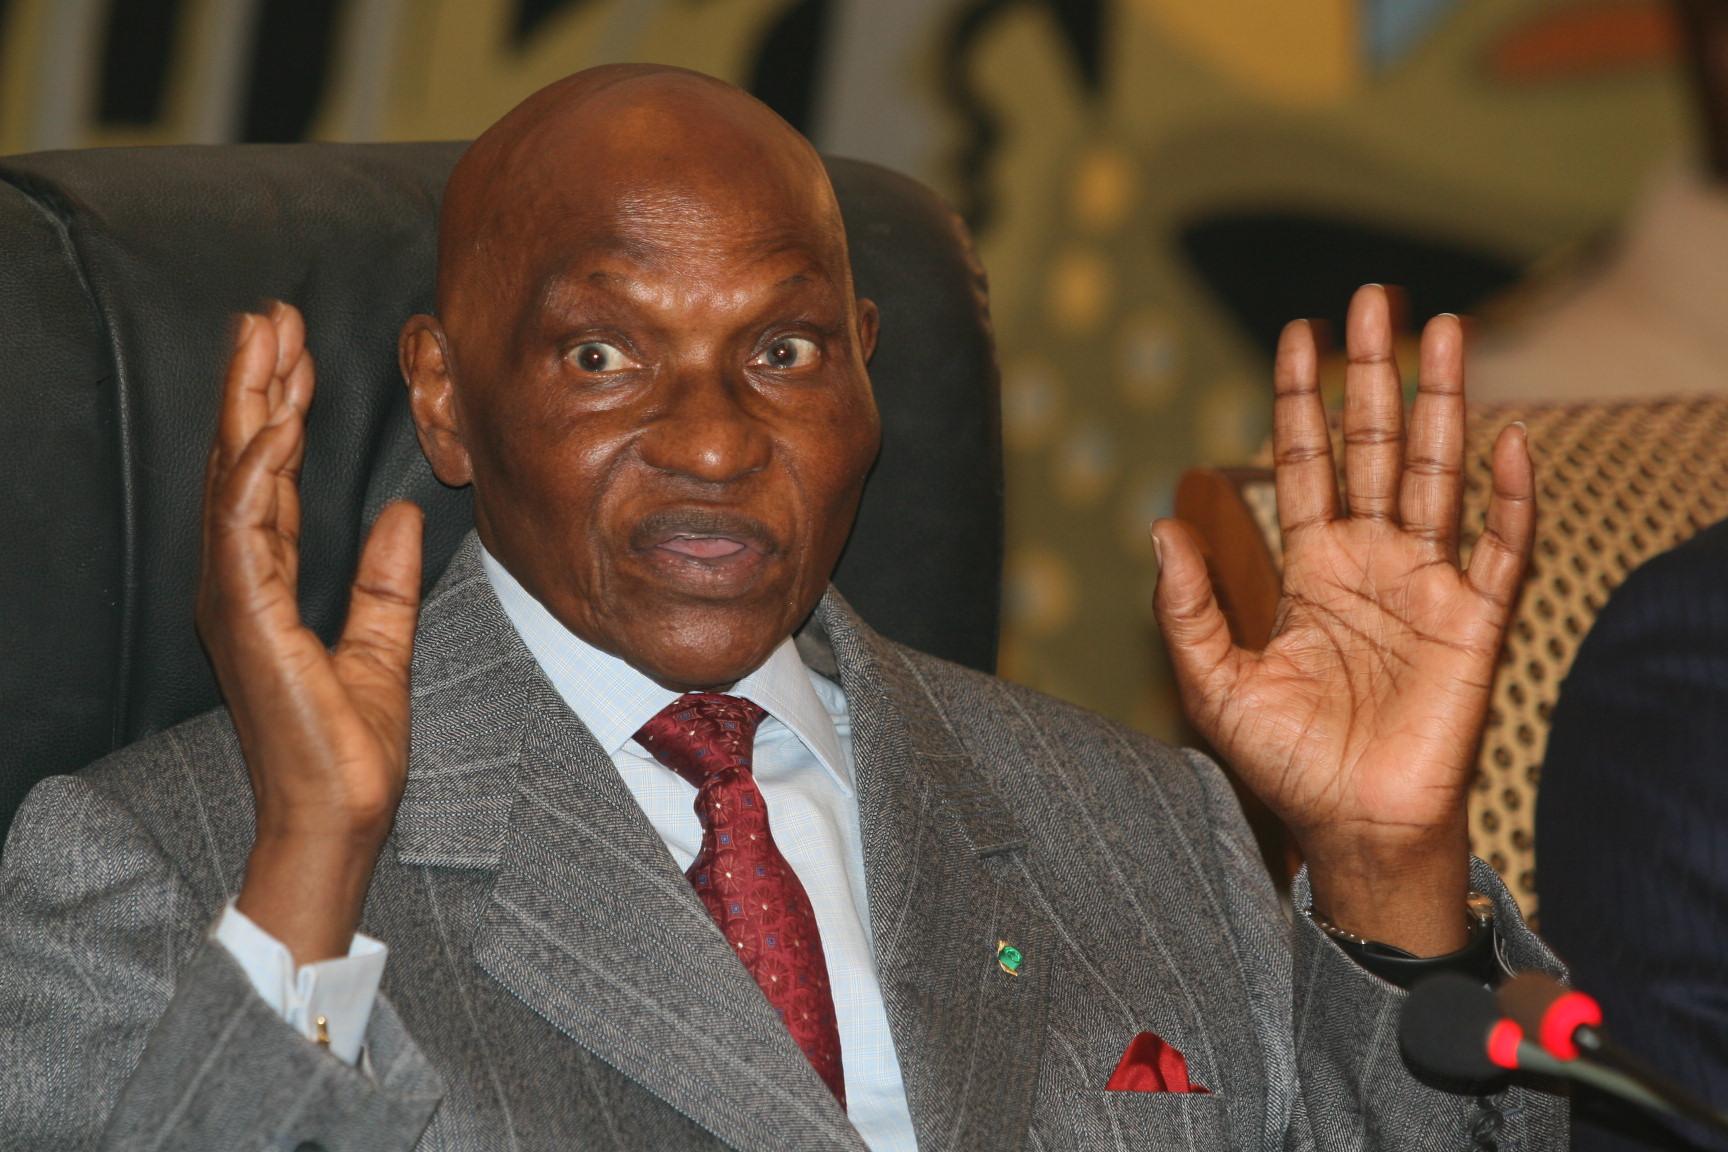 Sièges du HCCT octroyés au Pds : Me Abdoulaye Wade dément, mais que de bizarreries dans son communiqué